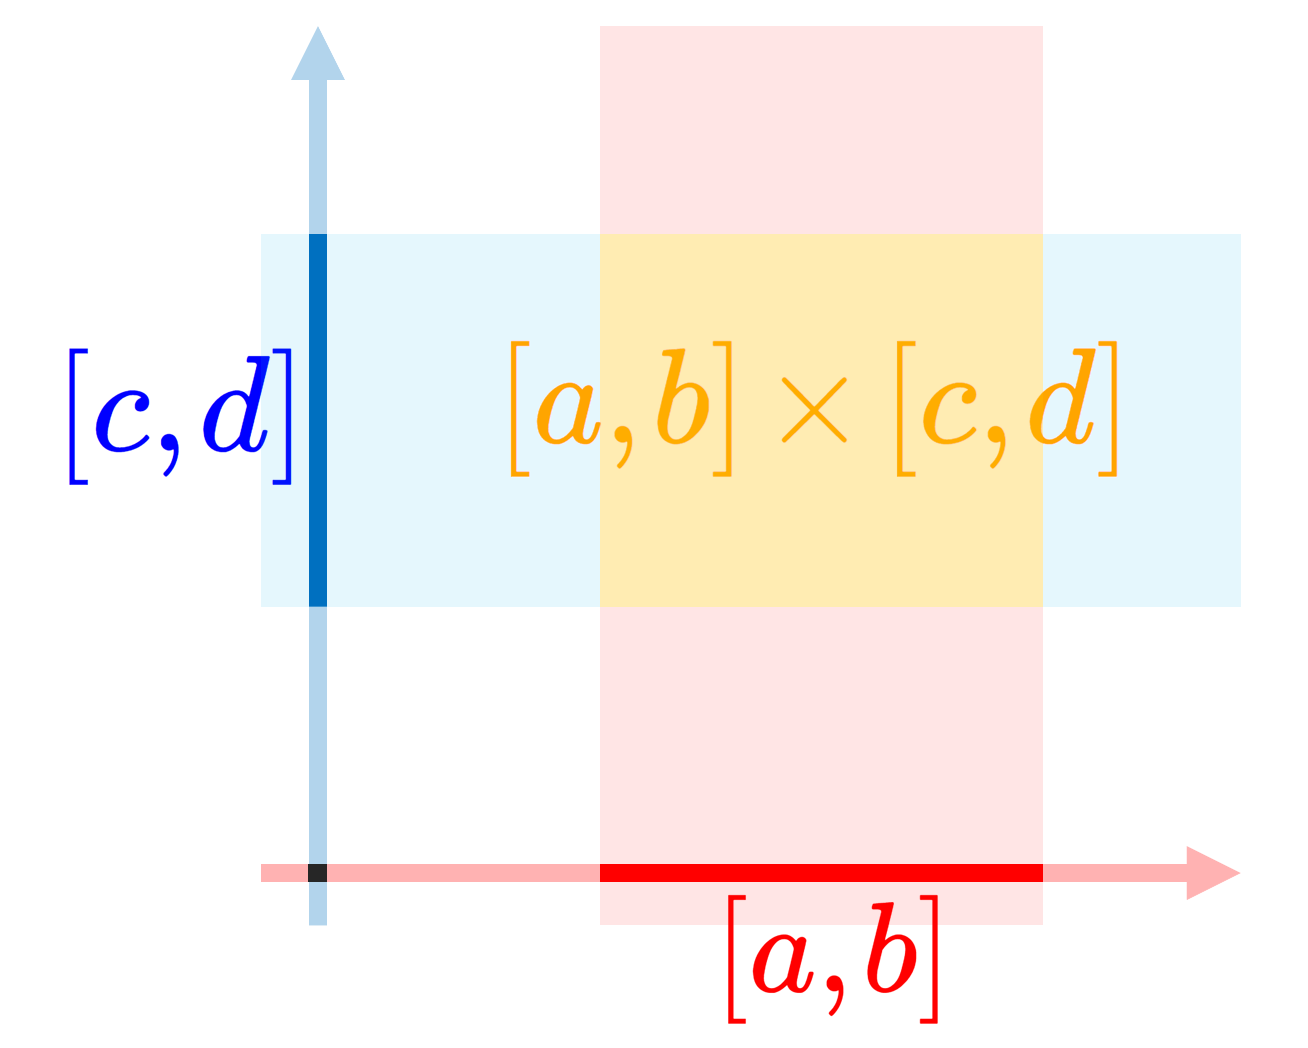 【直積集合】集合の直積について詳しく~順序対の集合~